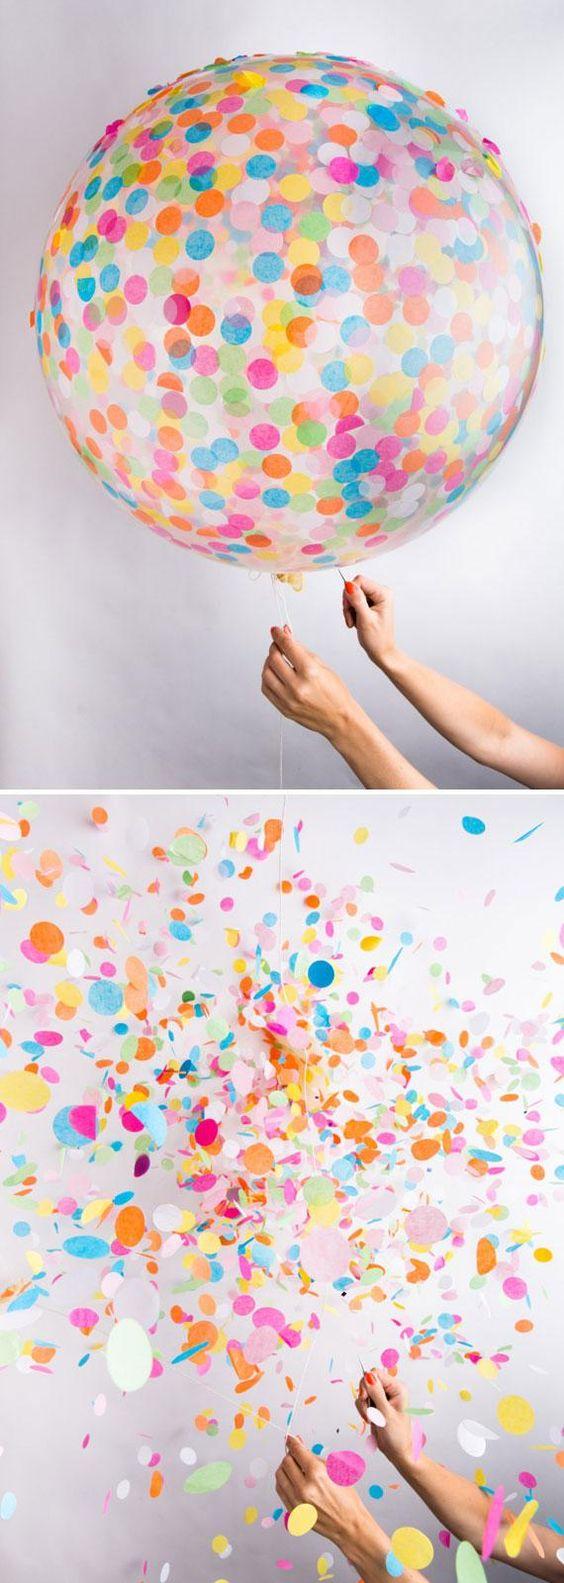 La mejor manera de explotar confeti es ponerlo dentro de un globo gigante transparente.                                                                                                                                                                                 Más: